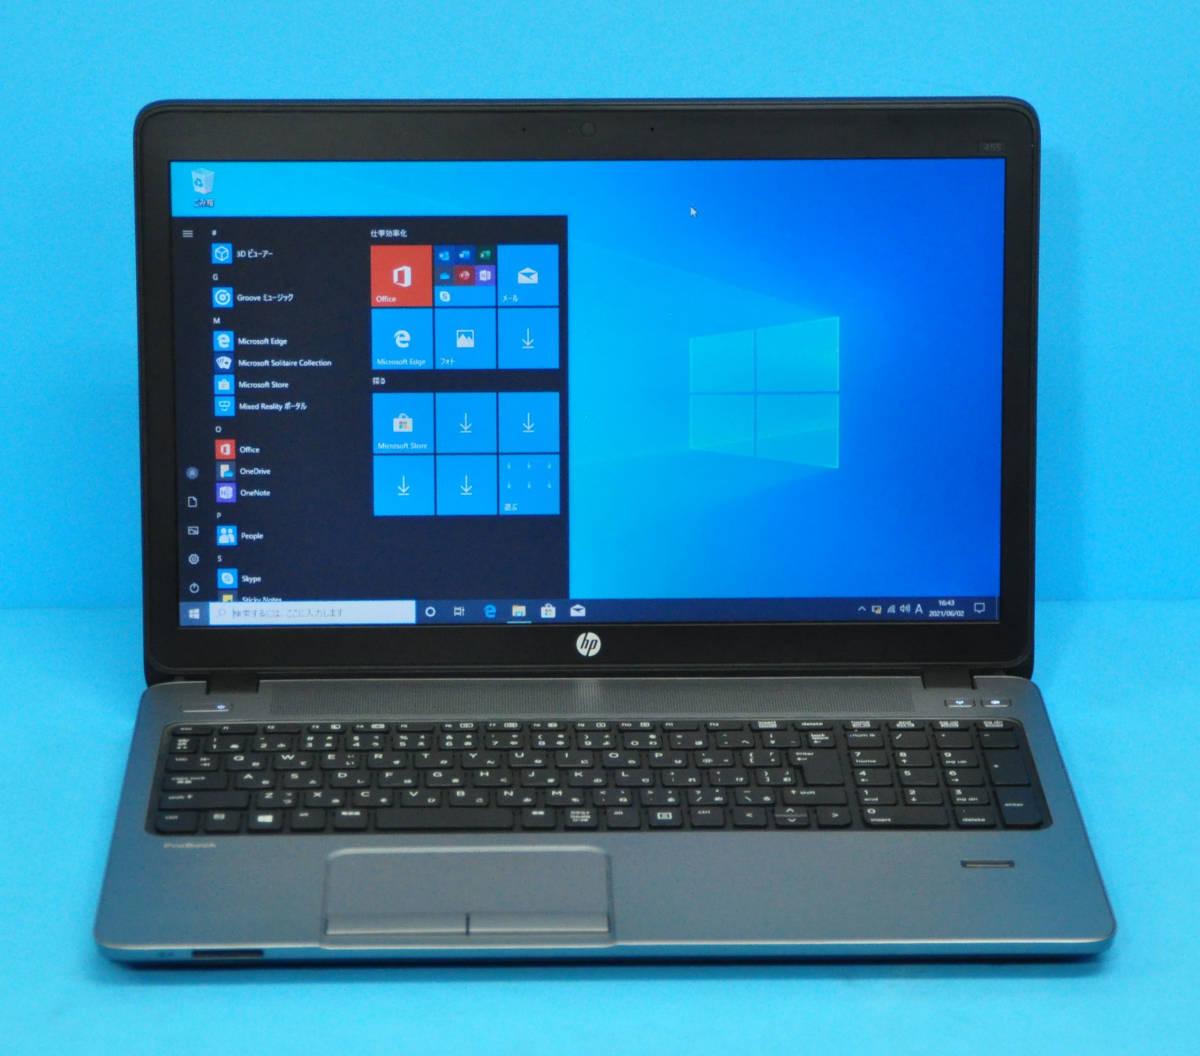 ★ 良品 上位モデル ProBook 450G1 ★ 高速SSD!! 大画面15.6 Corei5 4200M / メモリ8GB / 新SSD:240GB / マルチ / Office2019 / Win10_画像7